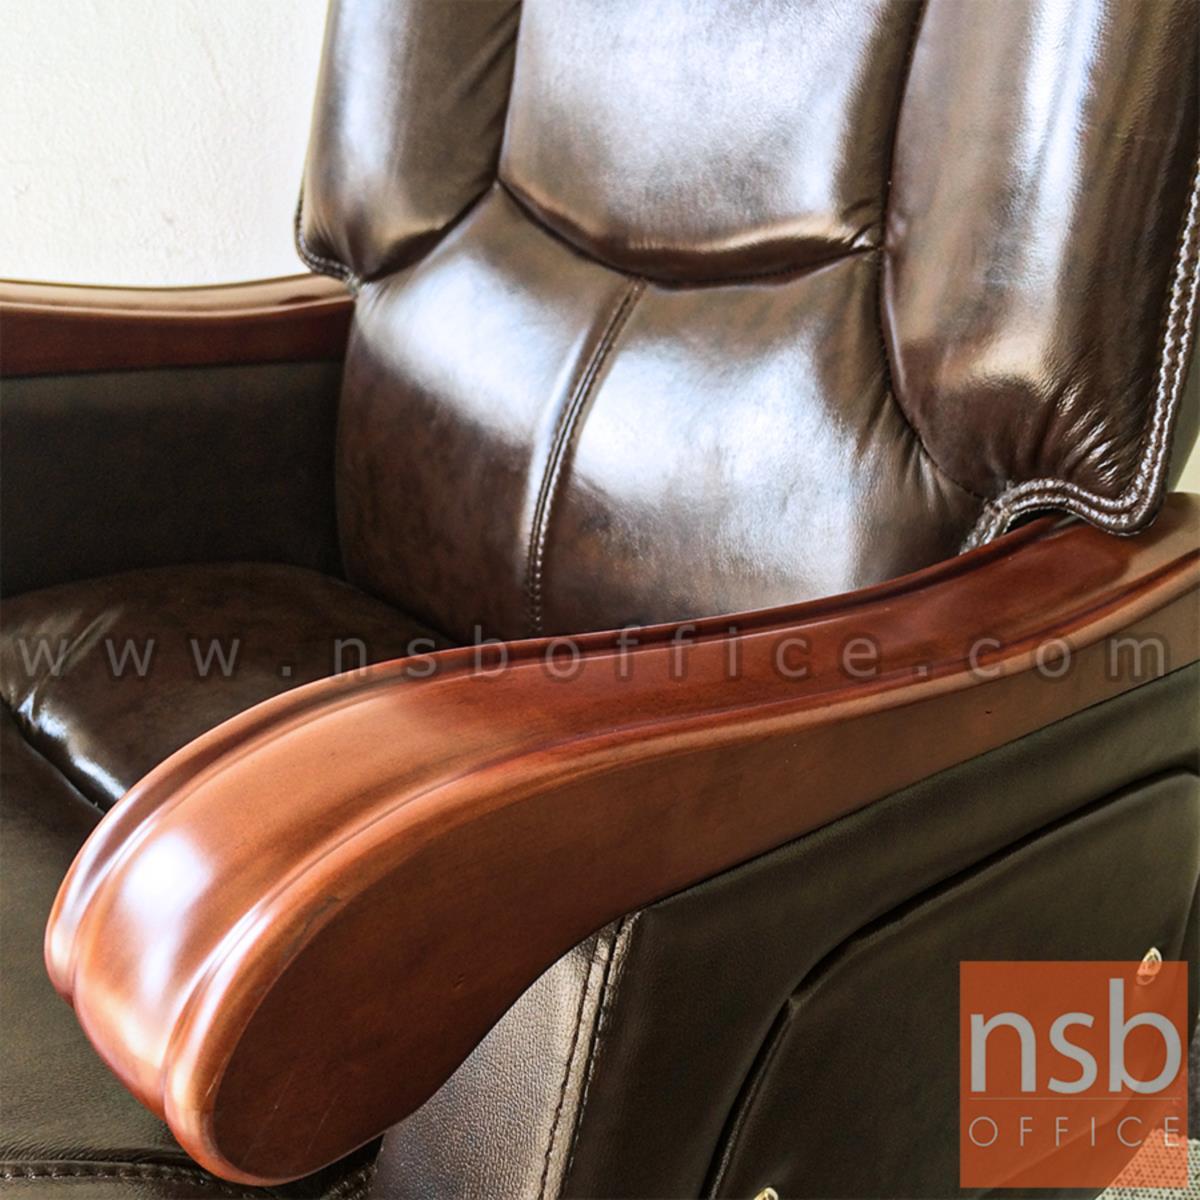 เก้าอี้ผู้บริหารหนังแท้ ปรับระดับการเอนได้ รุ่น Hathaway (แฮททาเวย์)  แขน-ขาไม้